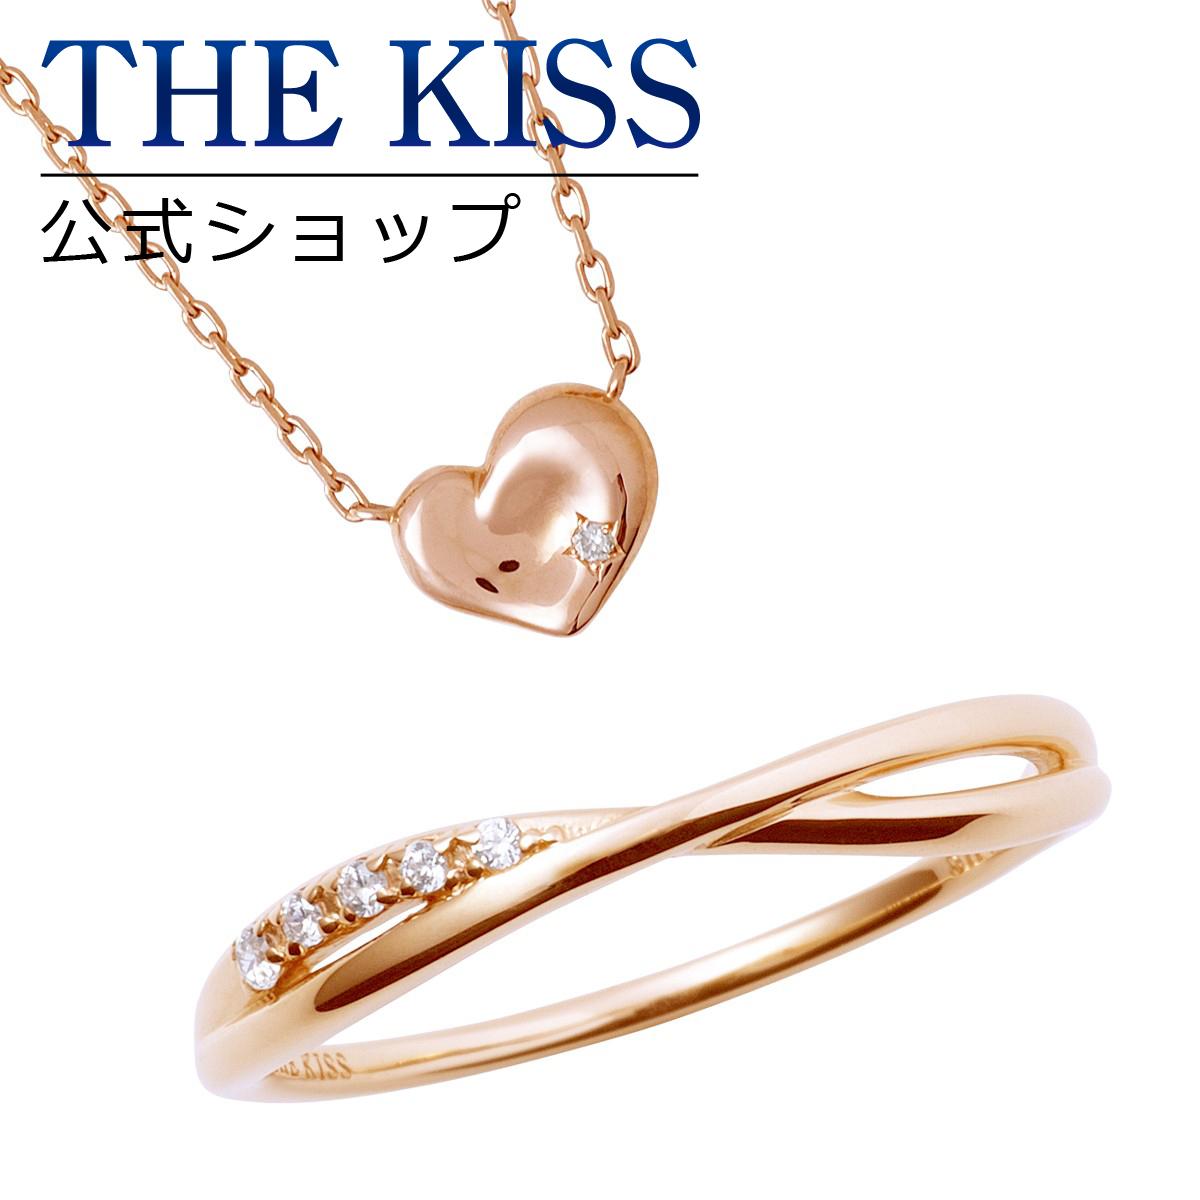 【あす楽対応】THE KISS 公式サイト レディースセット レディースリング レディースネックレス レディースジュエリー・アクセサリー ジュエリーブランド THEKISS リング・指輪 ネックレス・ペンダント 記念日 プレゼント SR2017CB-SPD271DM セット ザキス 【送料無料】